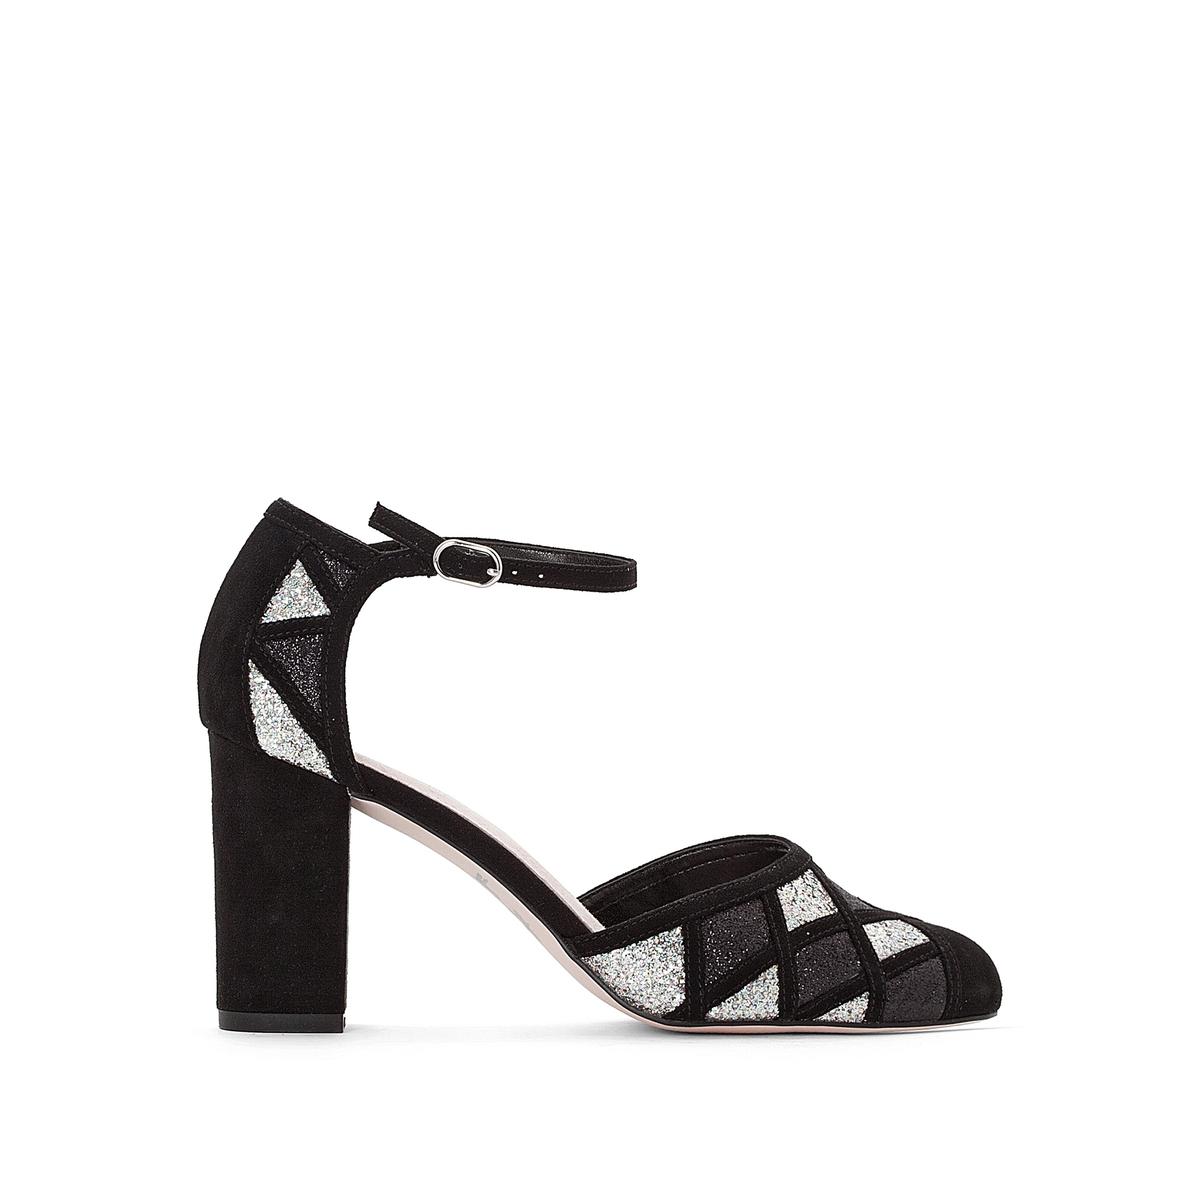 Sapatos com tira, motivos geométricos bicolores